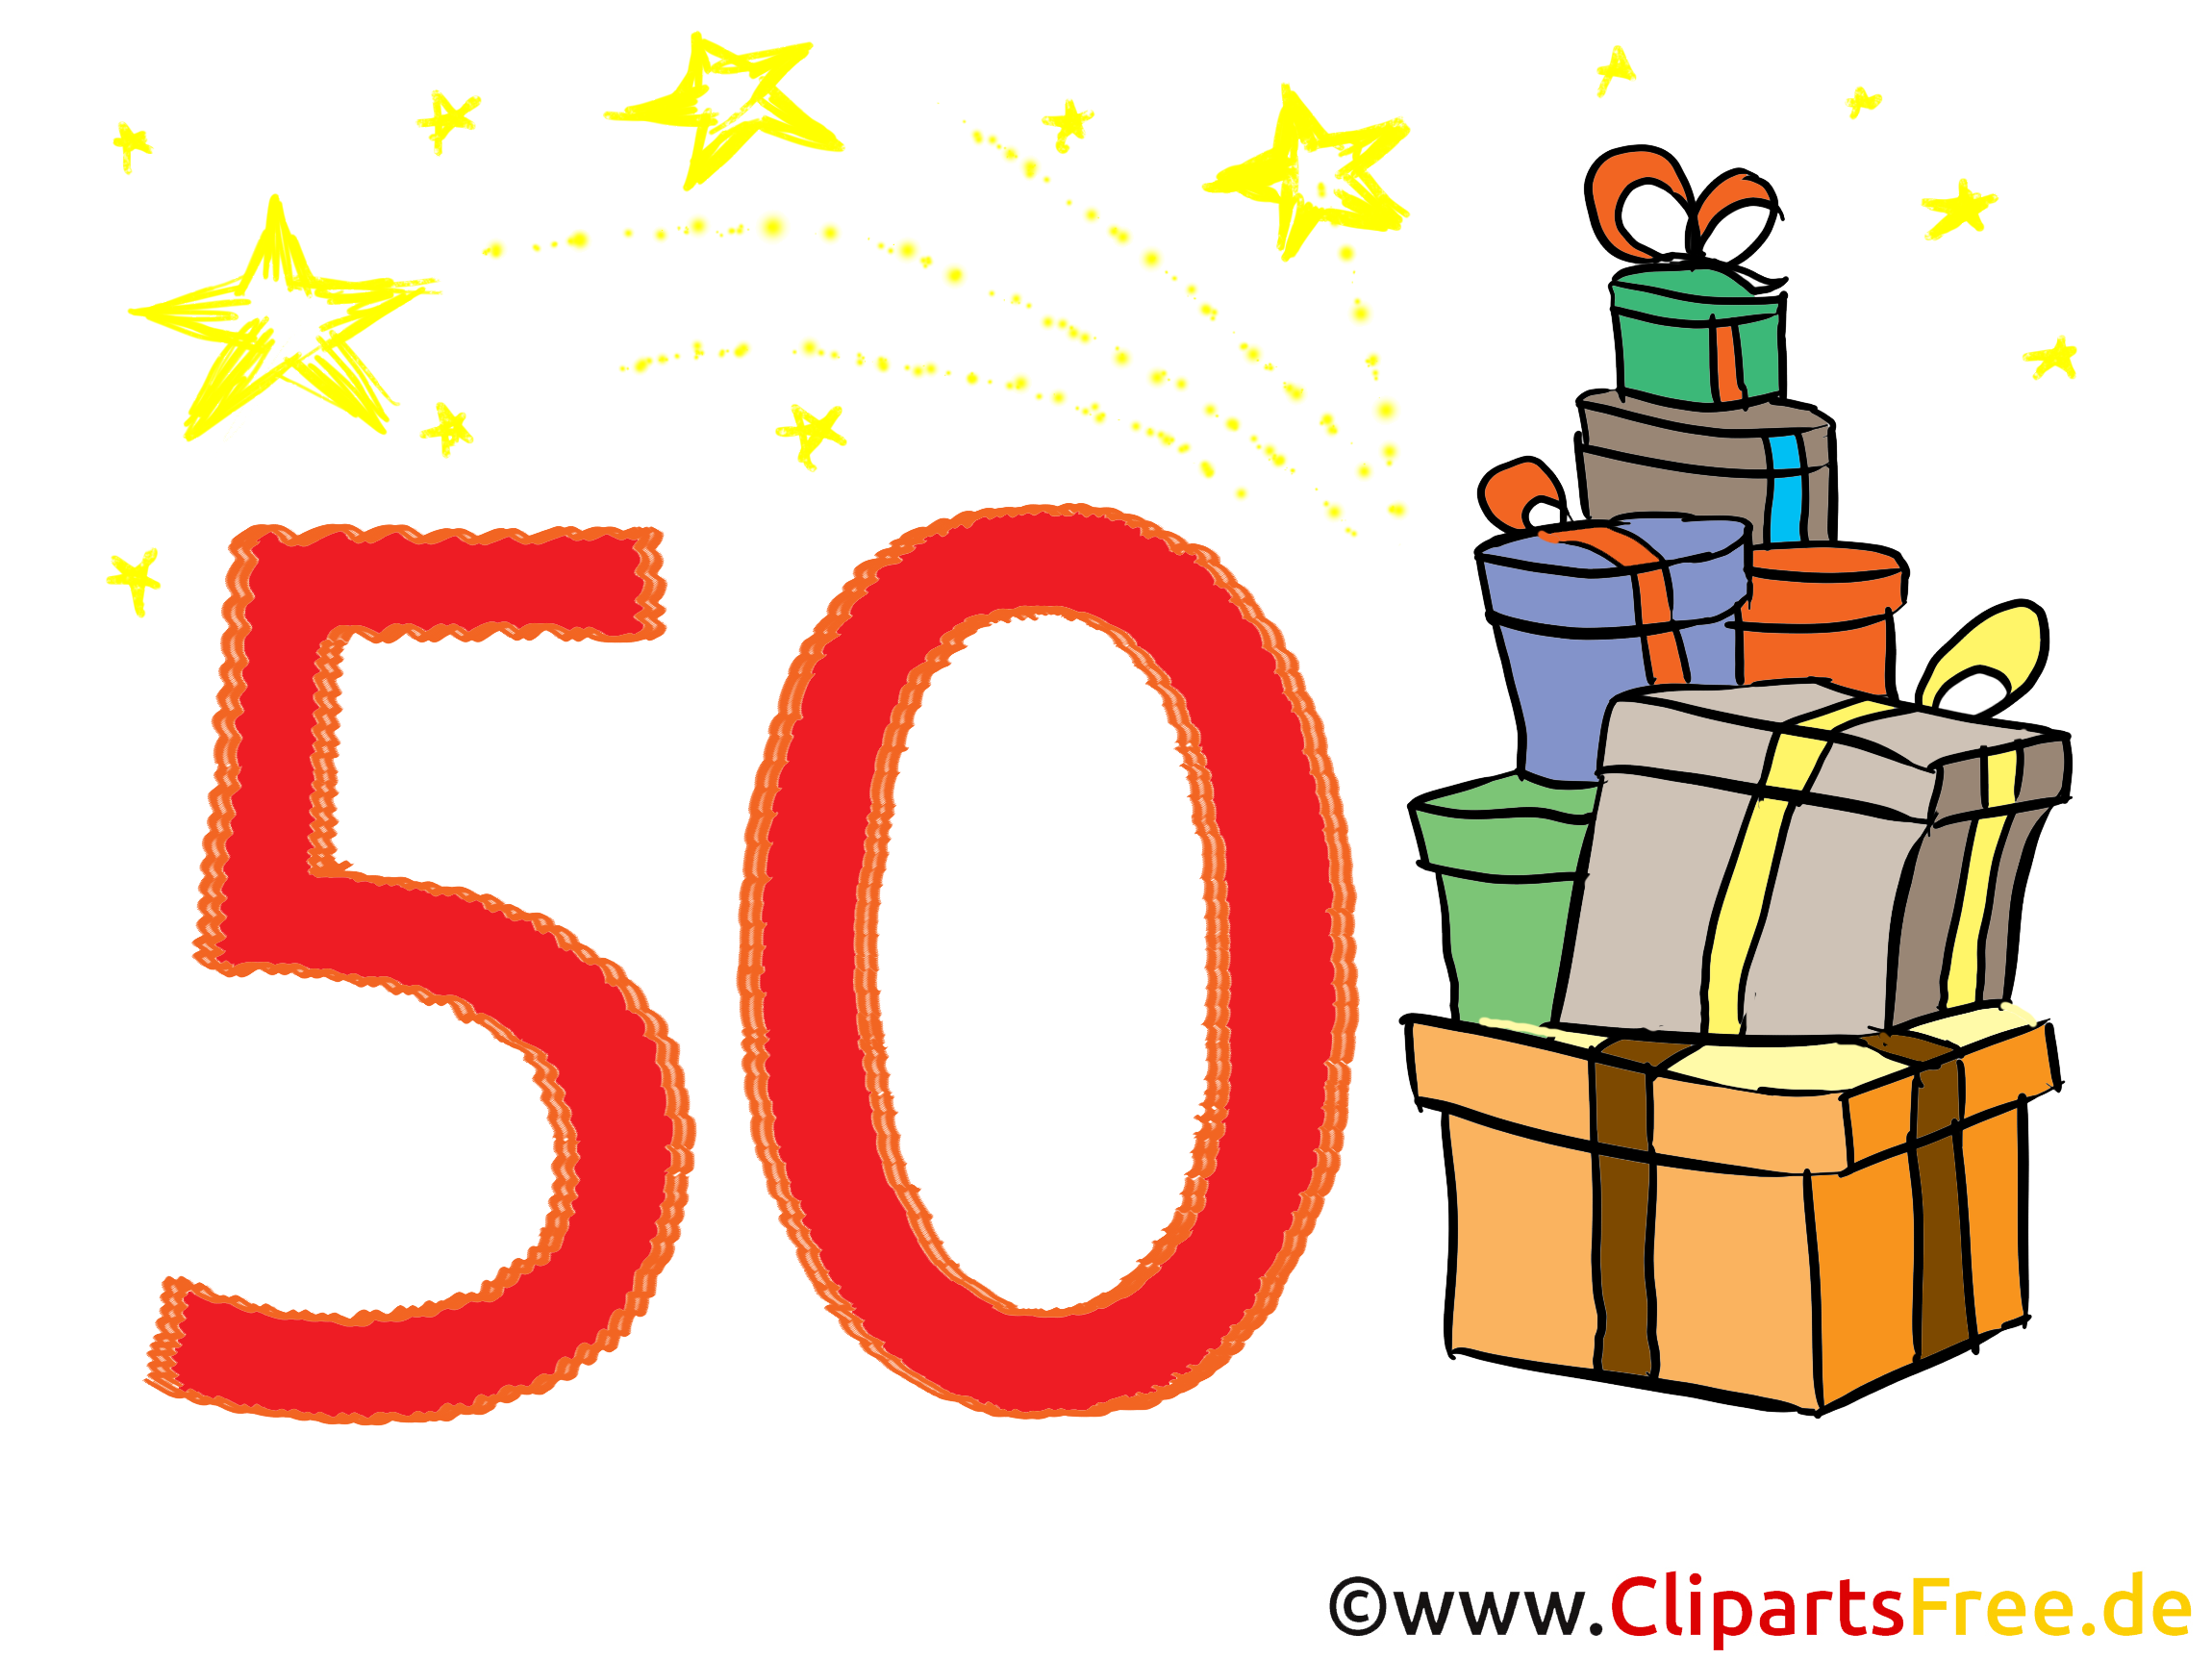 Geburtstagswünsche zum 50 - Clipart, Bild, Glückwunschkarte